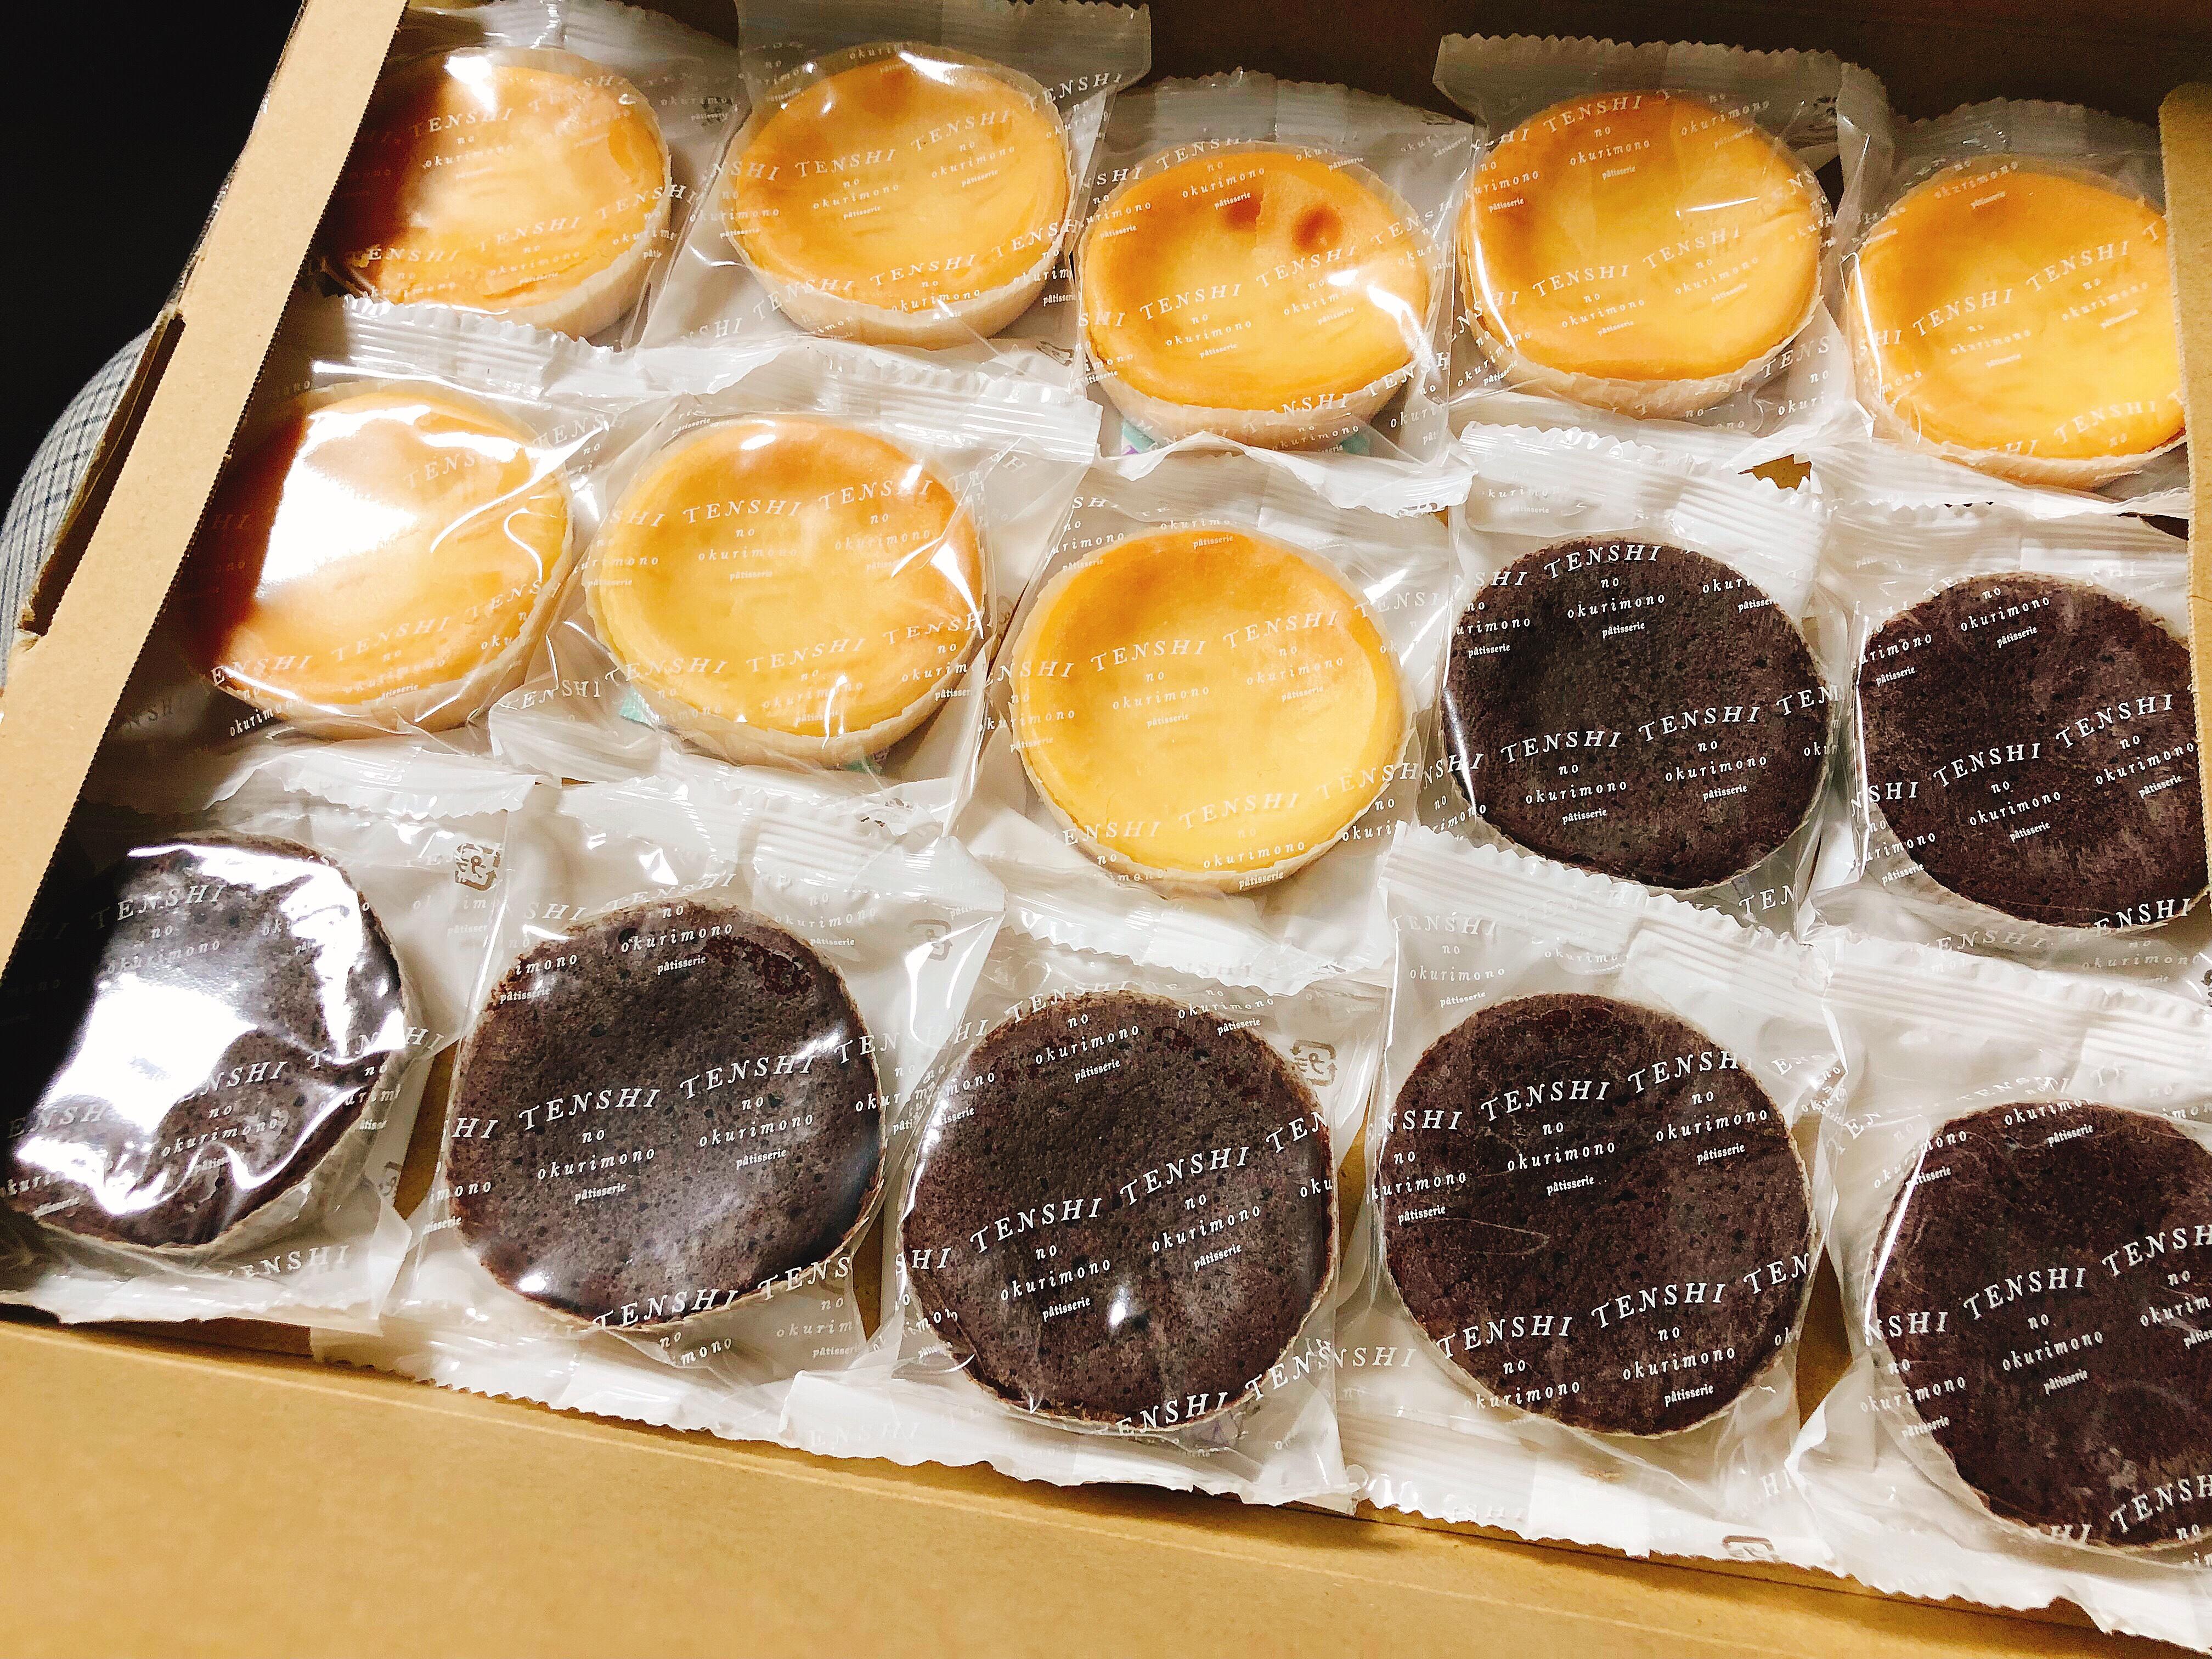 ケーキ バレンタイン チーズ 湘南クリエイティブガトー 葦|Ashi|神奈川県平塚市